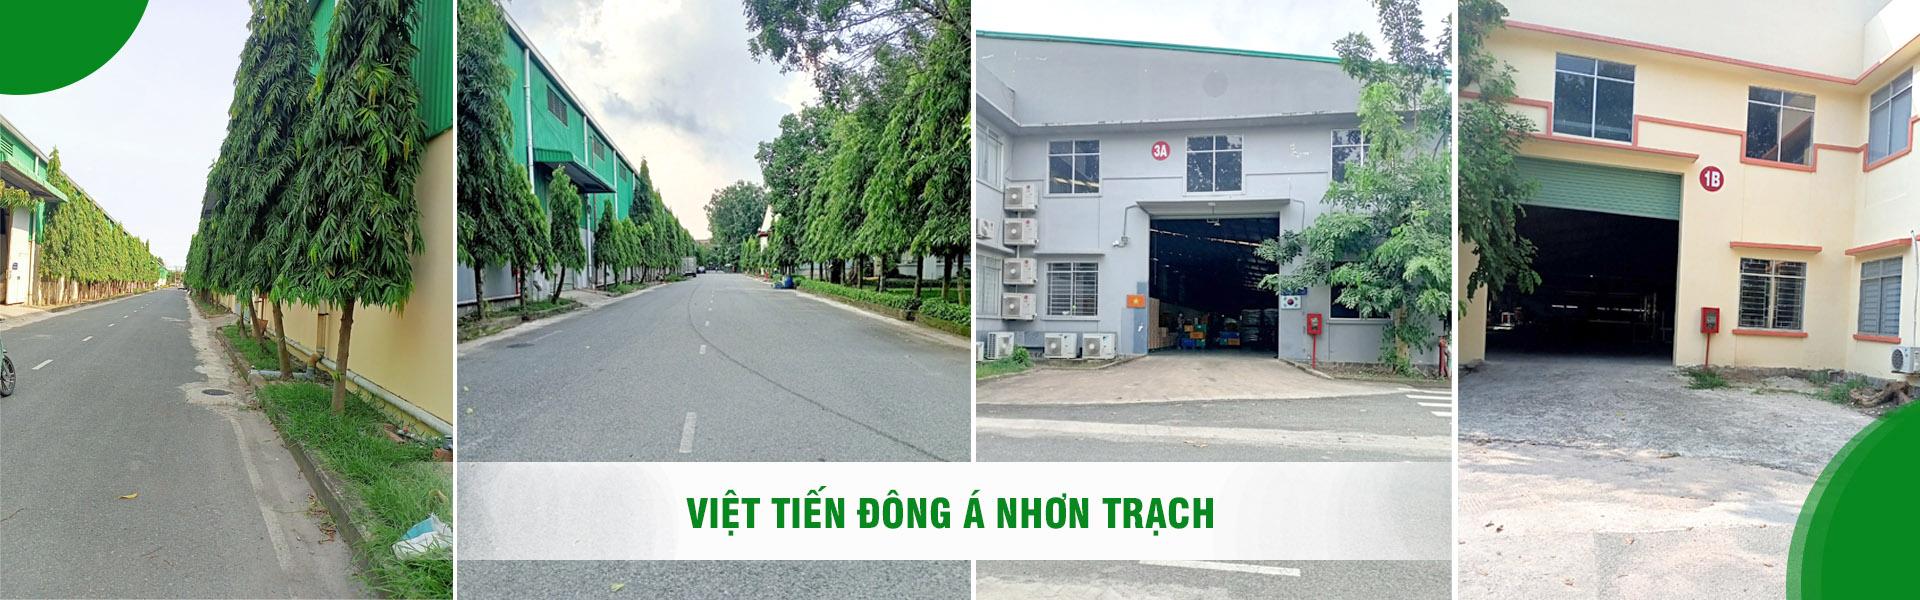 Viet Tien Dong A